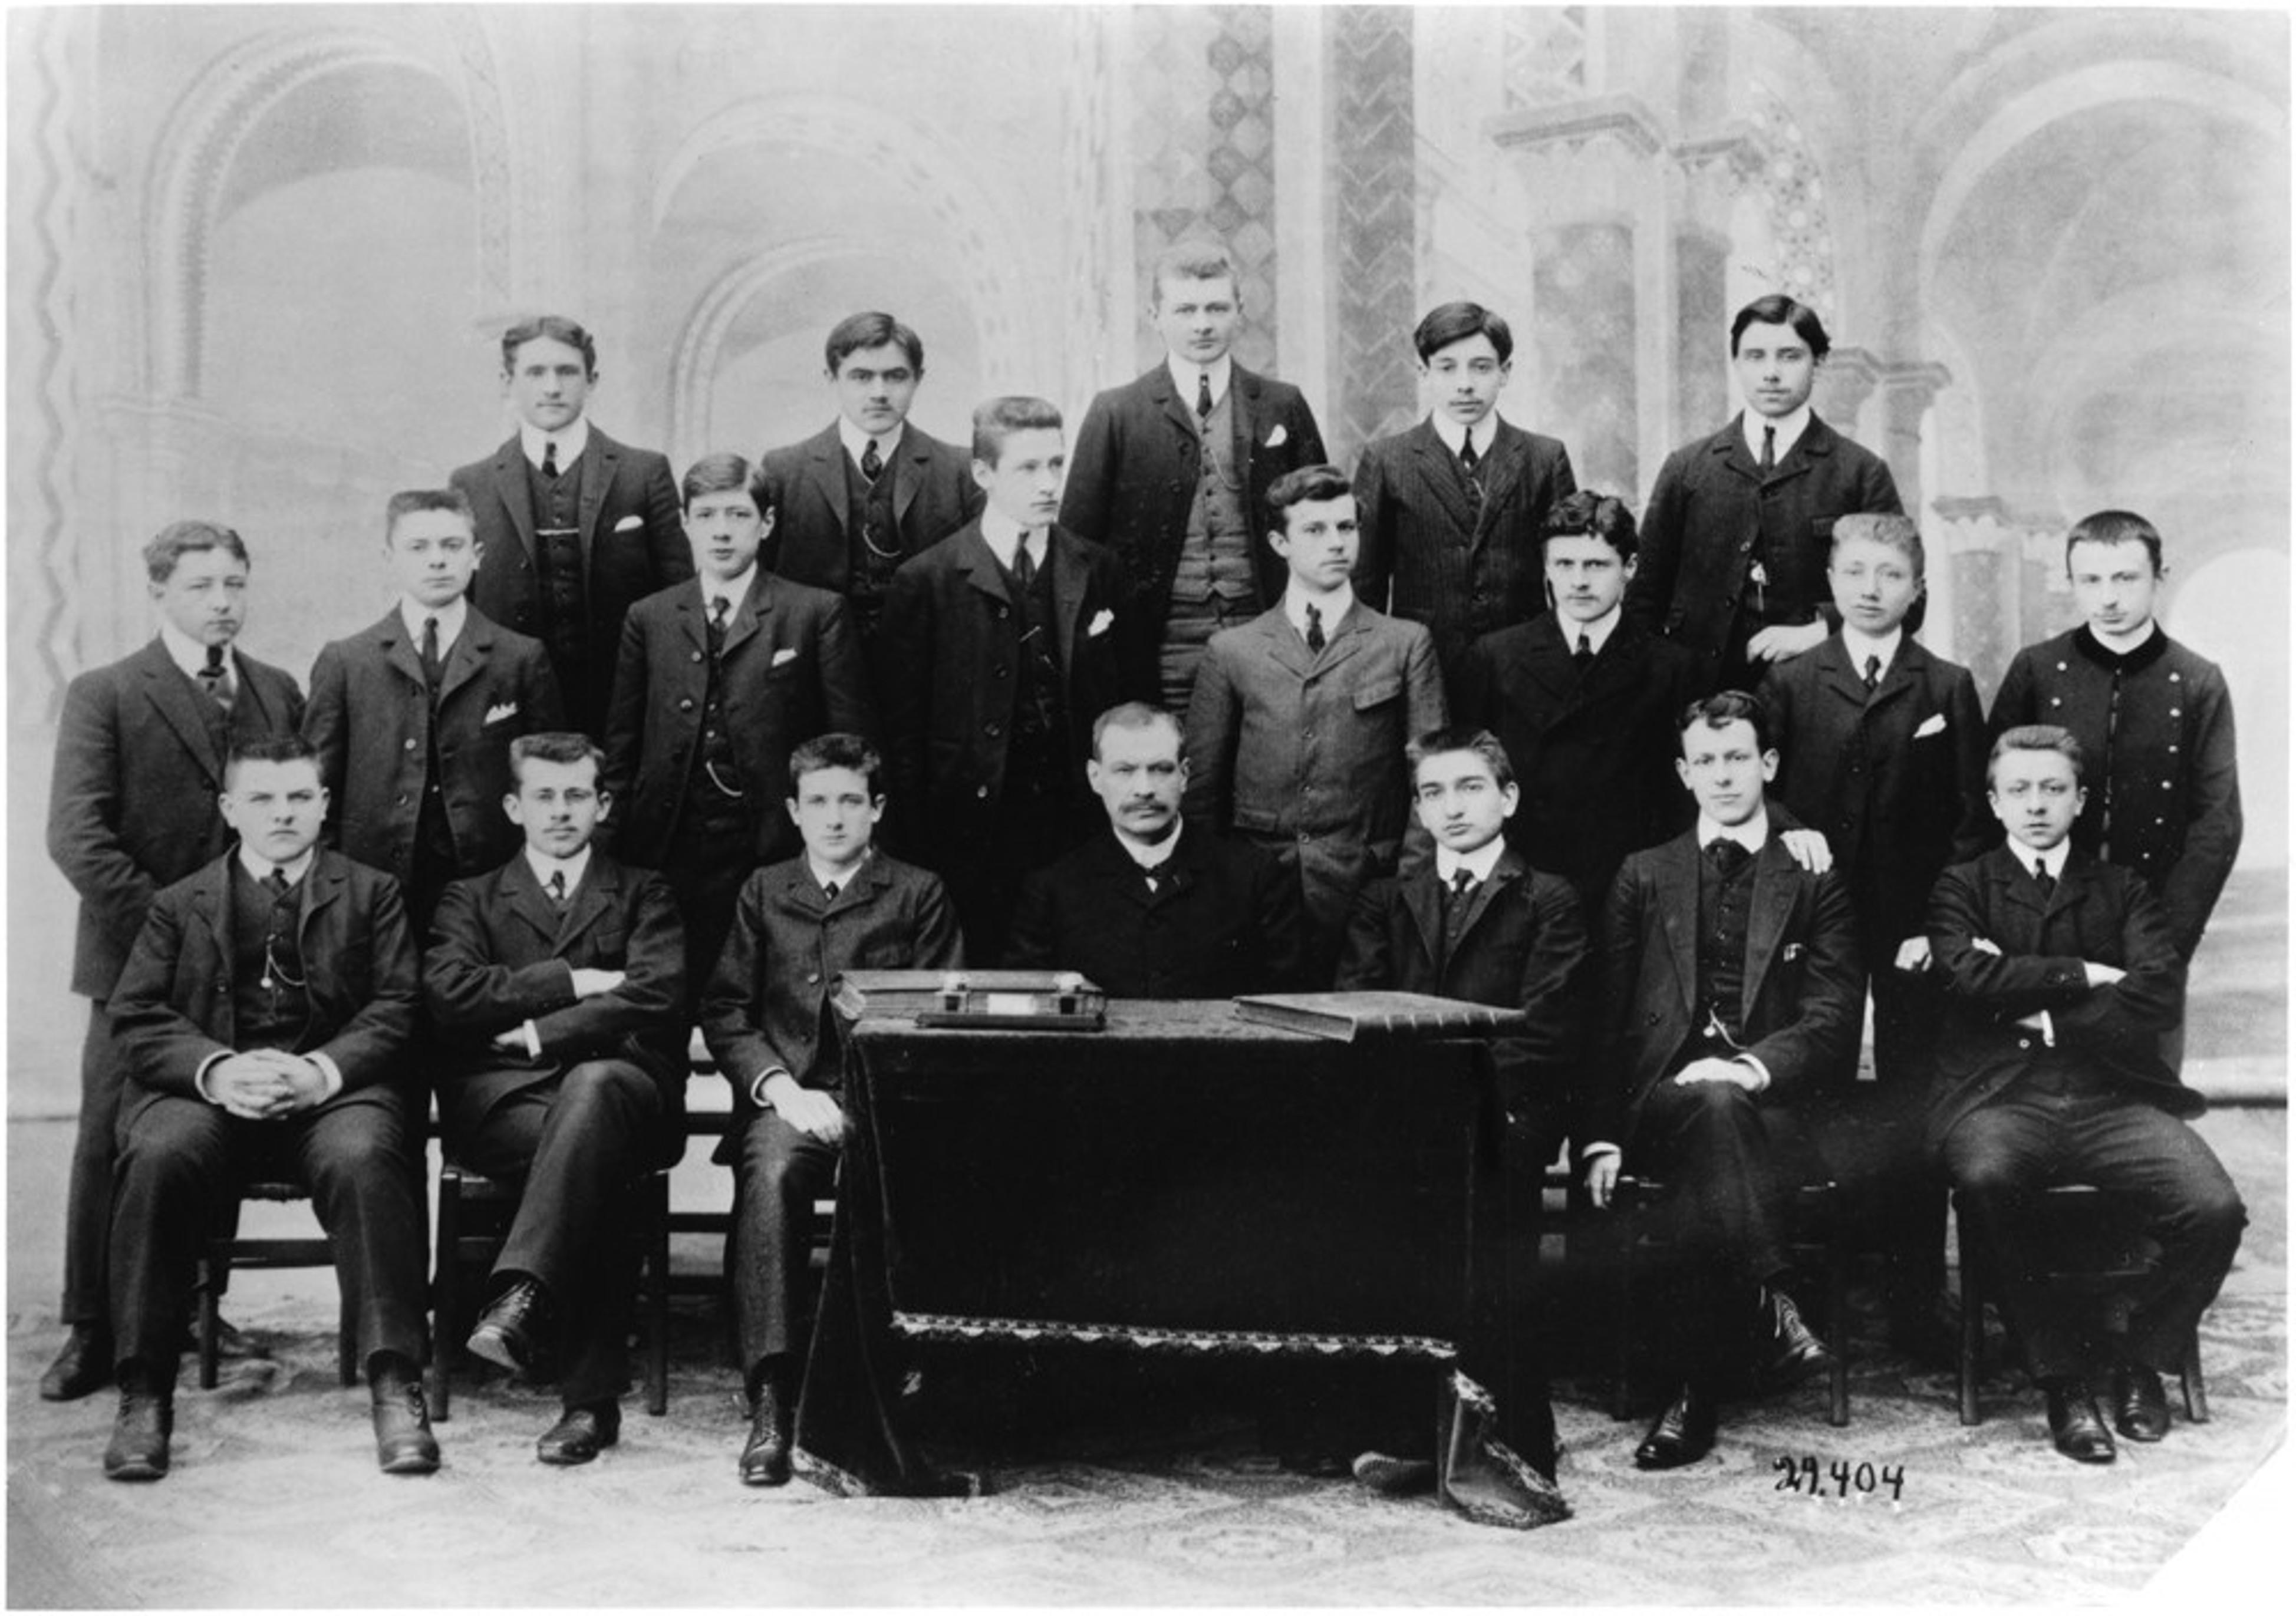 Photo de classe présentant Charles de Gaulle au collège de l'Immaculée conception durant l'année scolaire 1904-1905